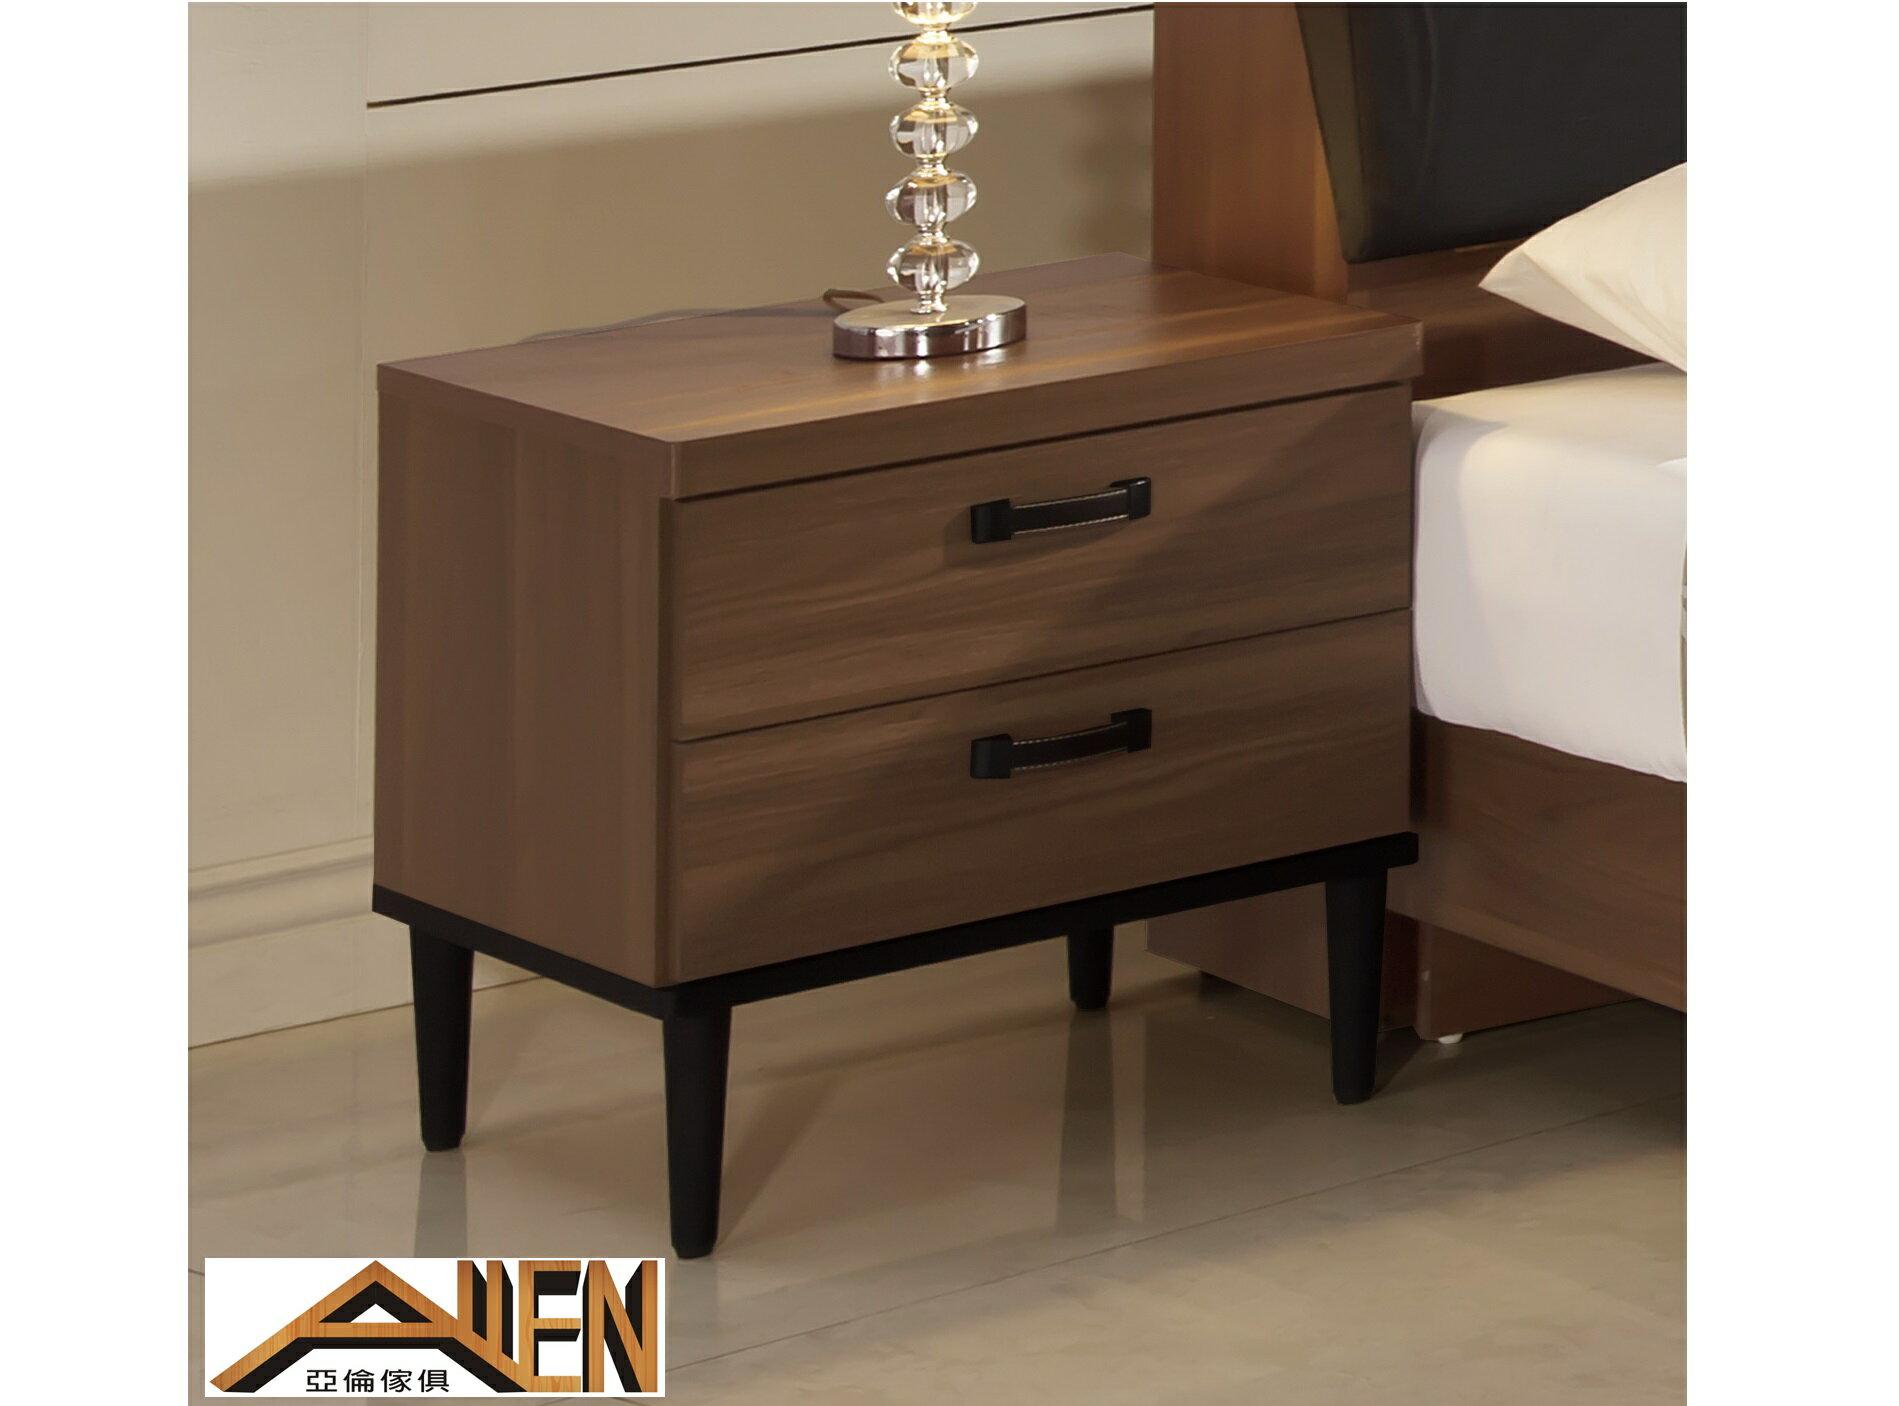 亞倫傢俱*亞當斯立體木紋床頭櫃 0